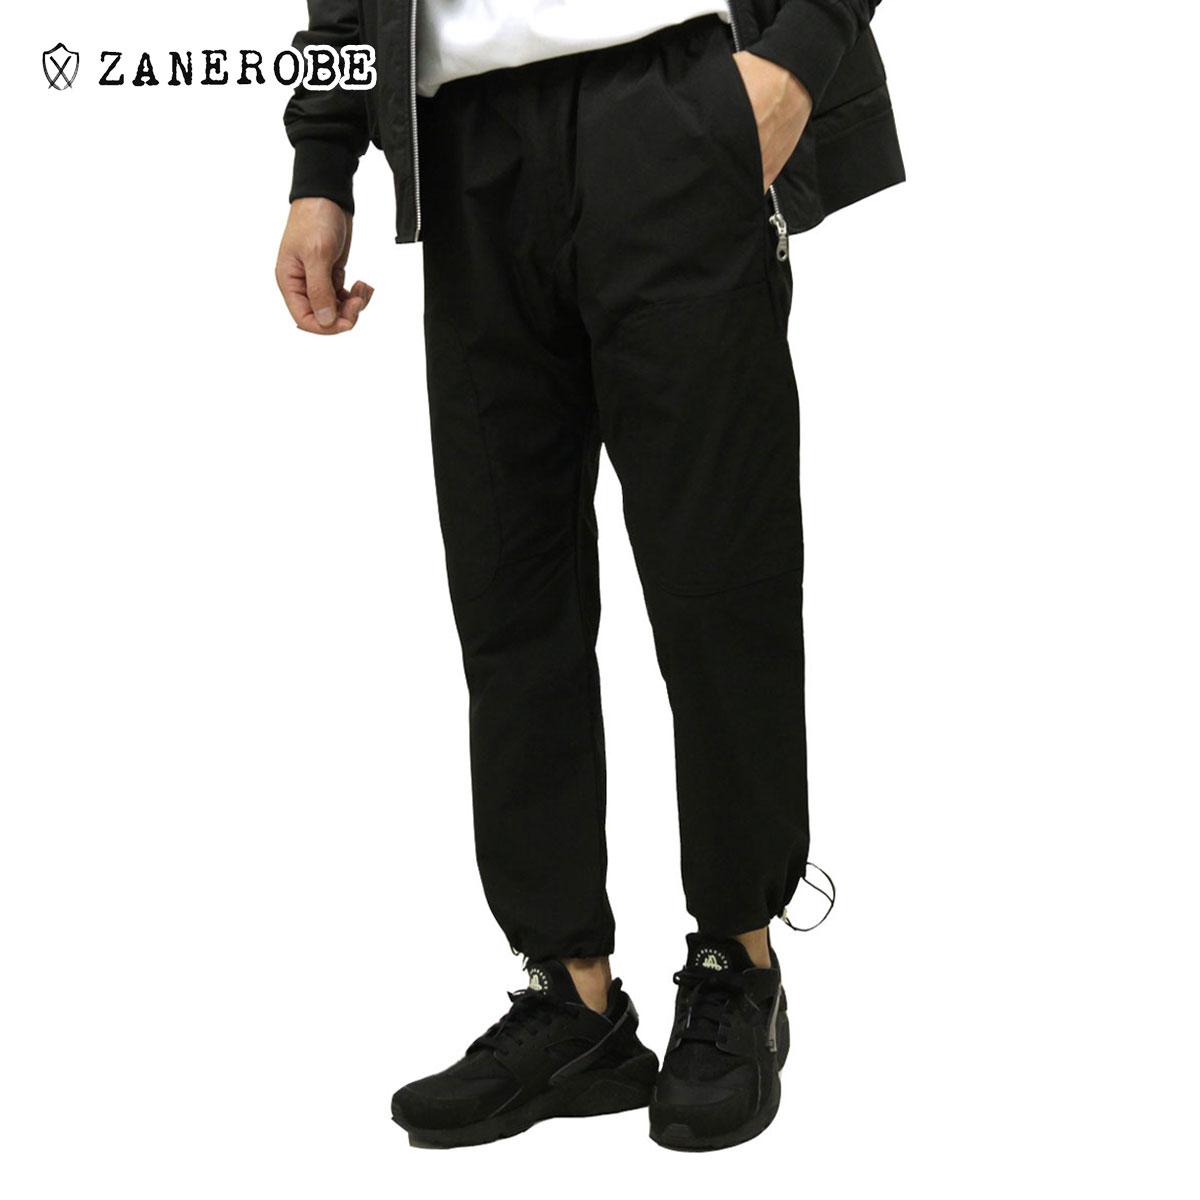 ゼンローブ ジョガーパンツ メンズ 正規販売店 ZANEROBE ナイロンパンツ テックパンツ ボトムス JUMPA TECH PANTS BLACK 704JP-RSP A13B B1C C2D D0E E13F